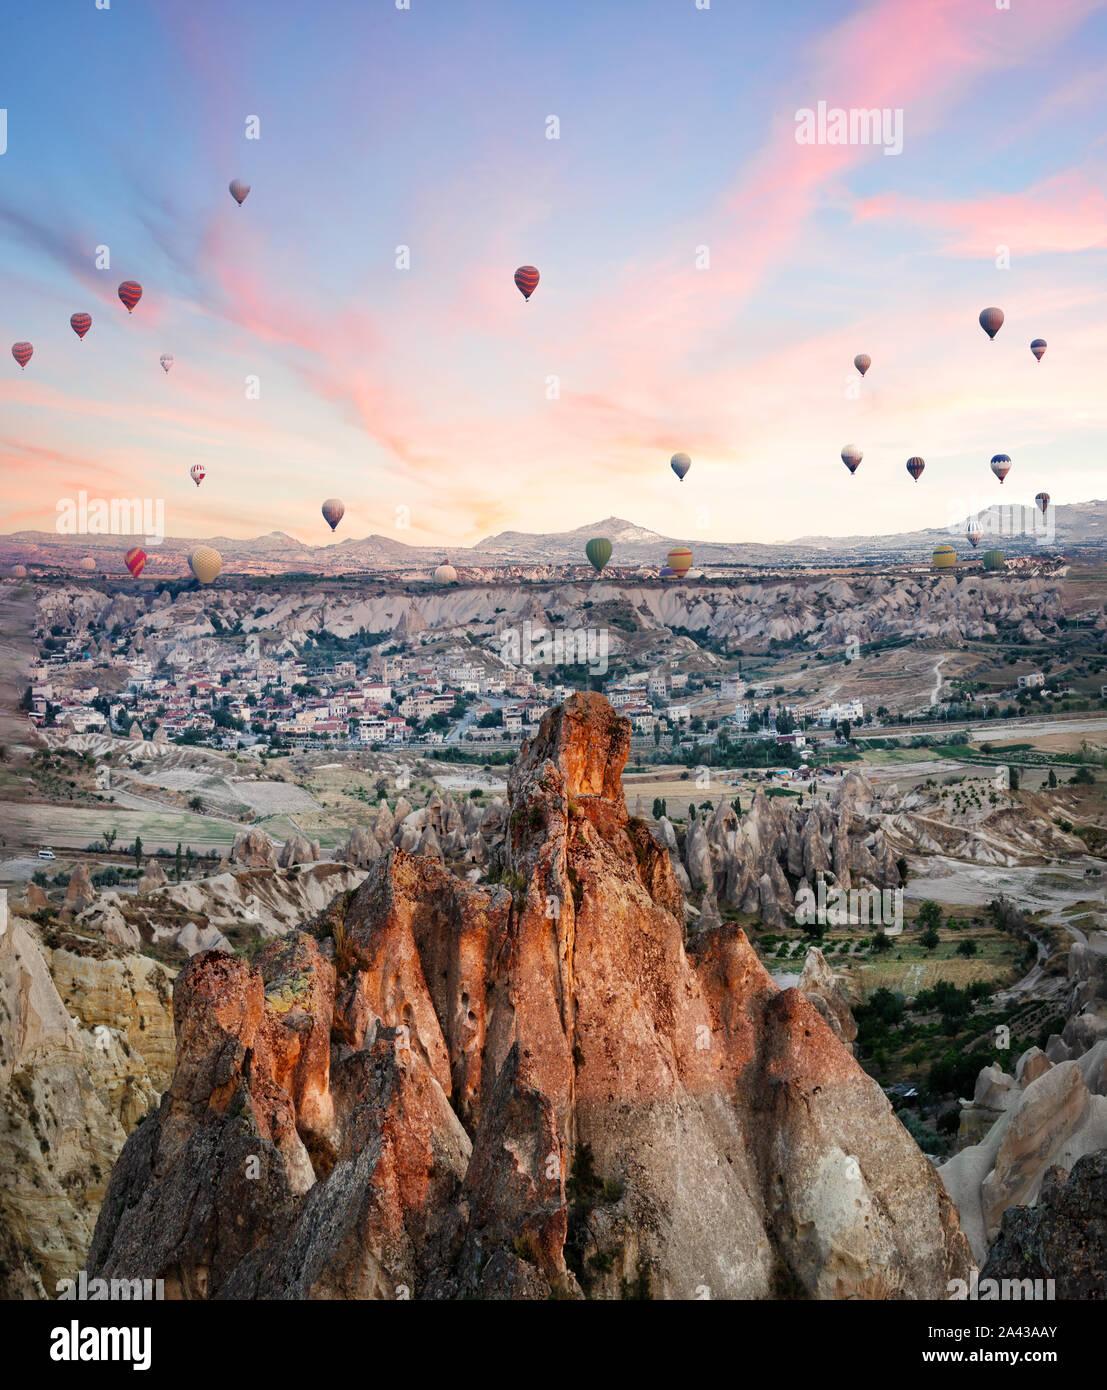 Ballons sur les roches de la Cappadoce au petit matin. Aube rose. Göreme, Turquie. Marques déposées Banque D'Images